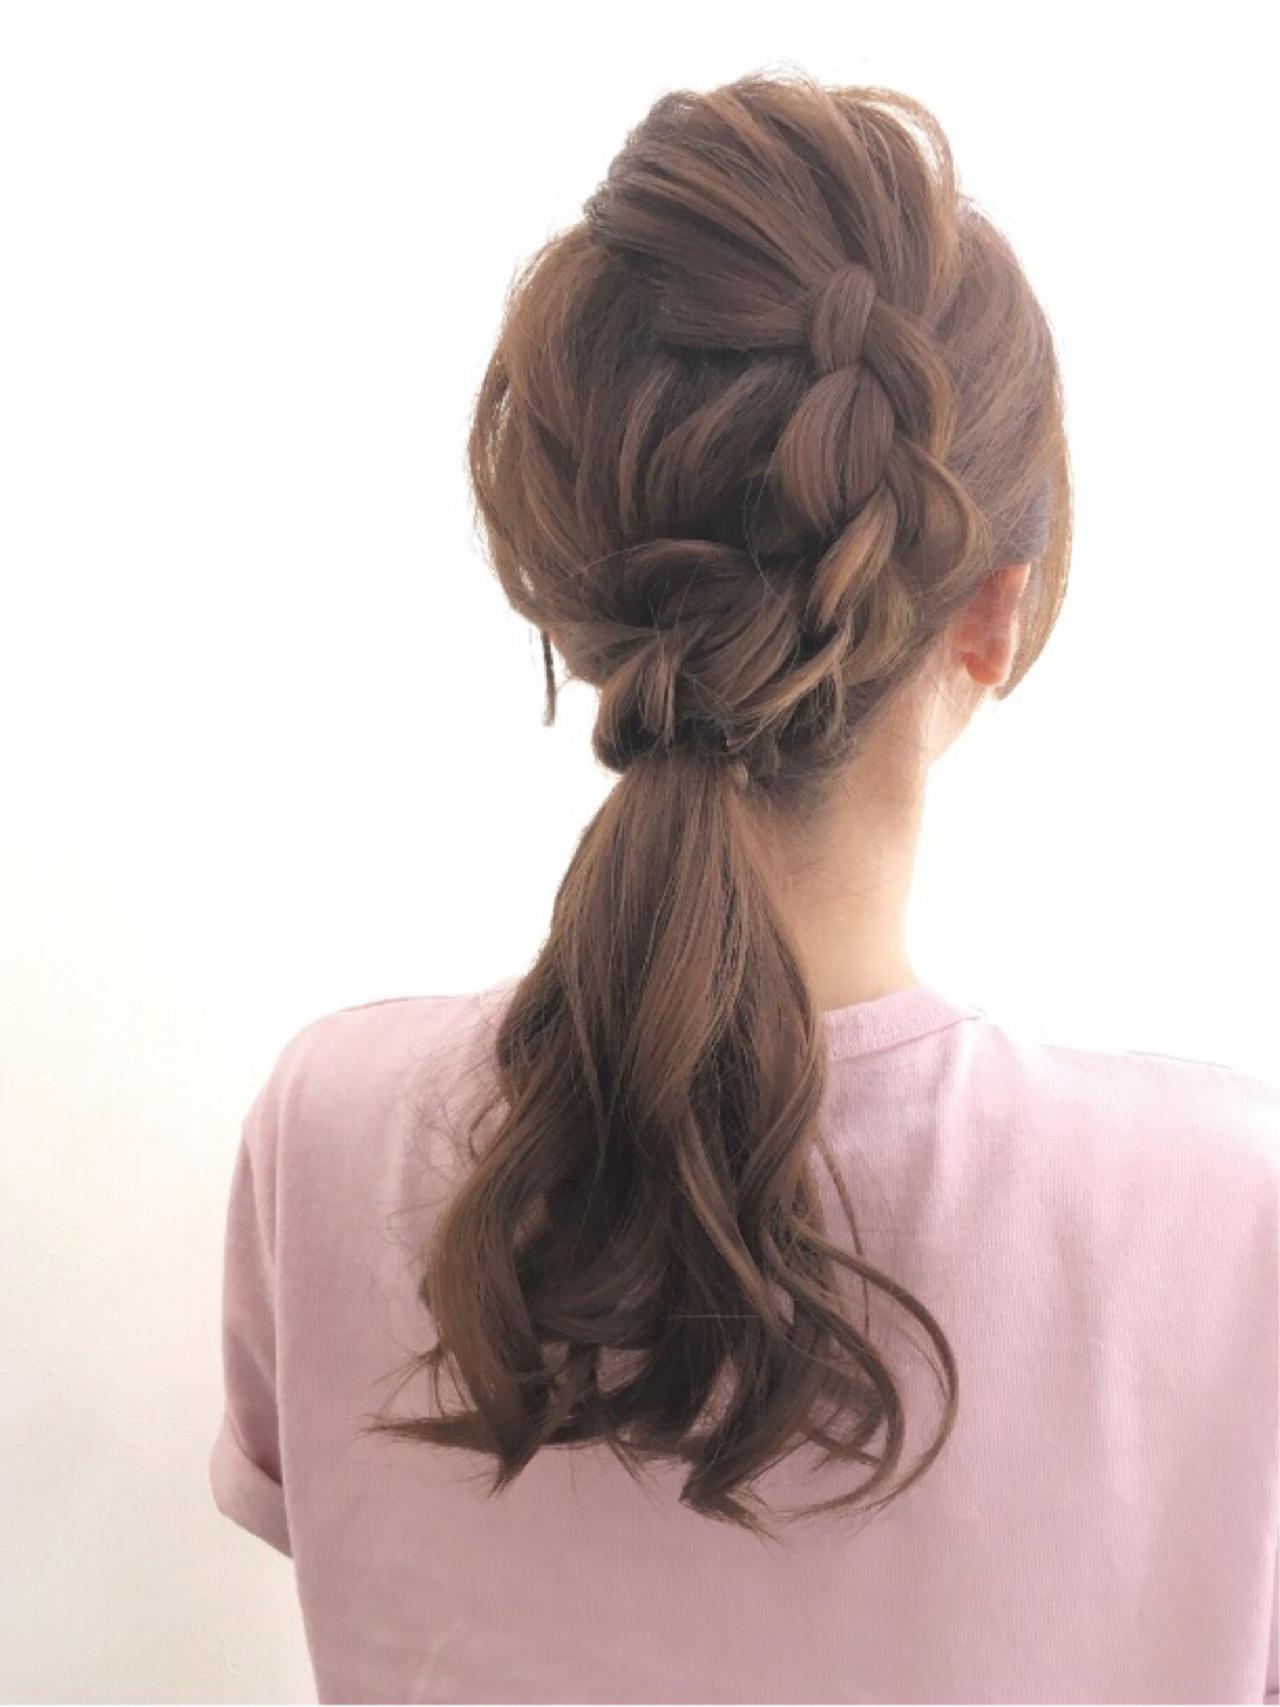 ポニーテール ゆるふわ ロング 編み込み ヘアスタイルや髪型の写真・画像